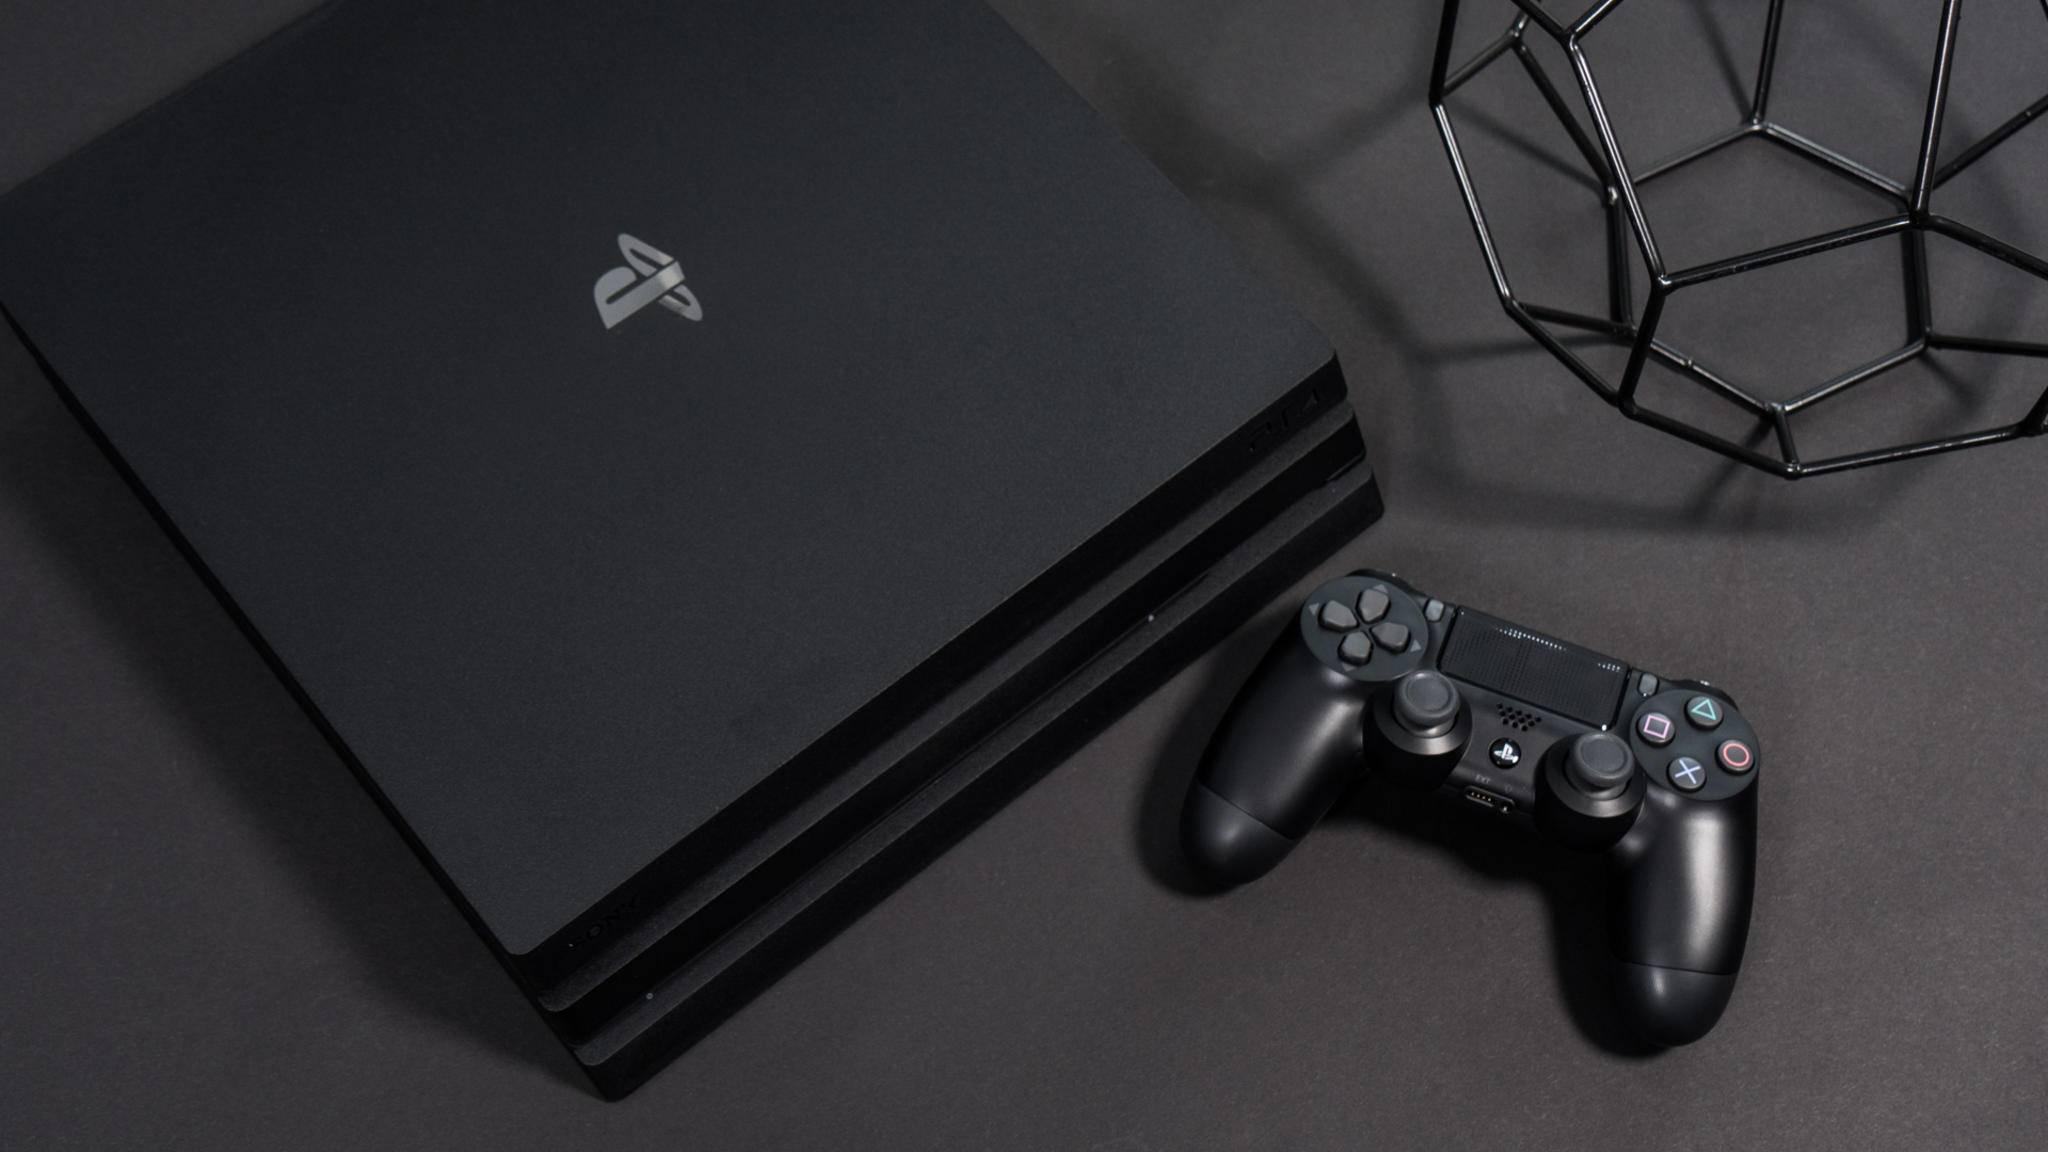 Andreas hat den vielleicht nerdigsten Grund für den Kauf einer PS4 Pro gefunden.